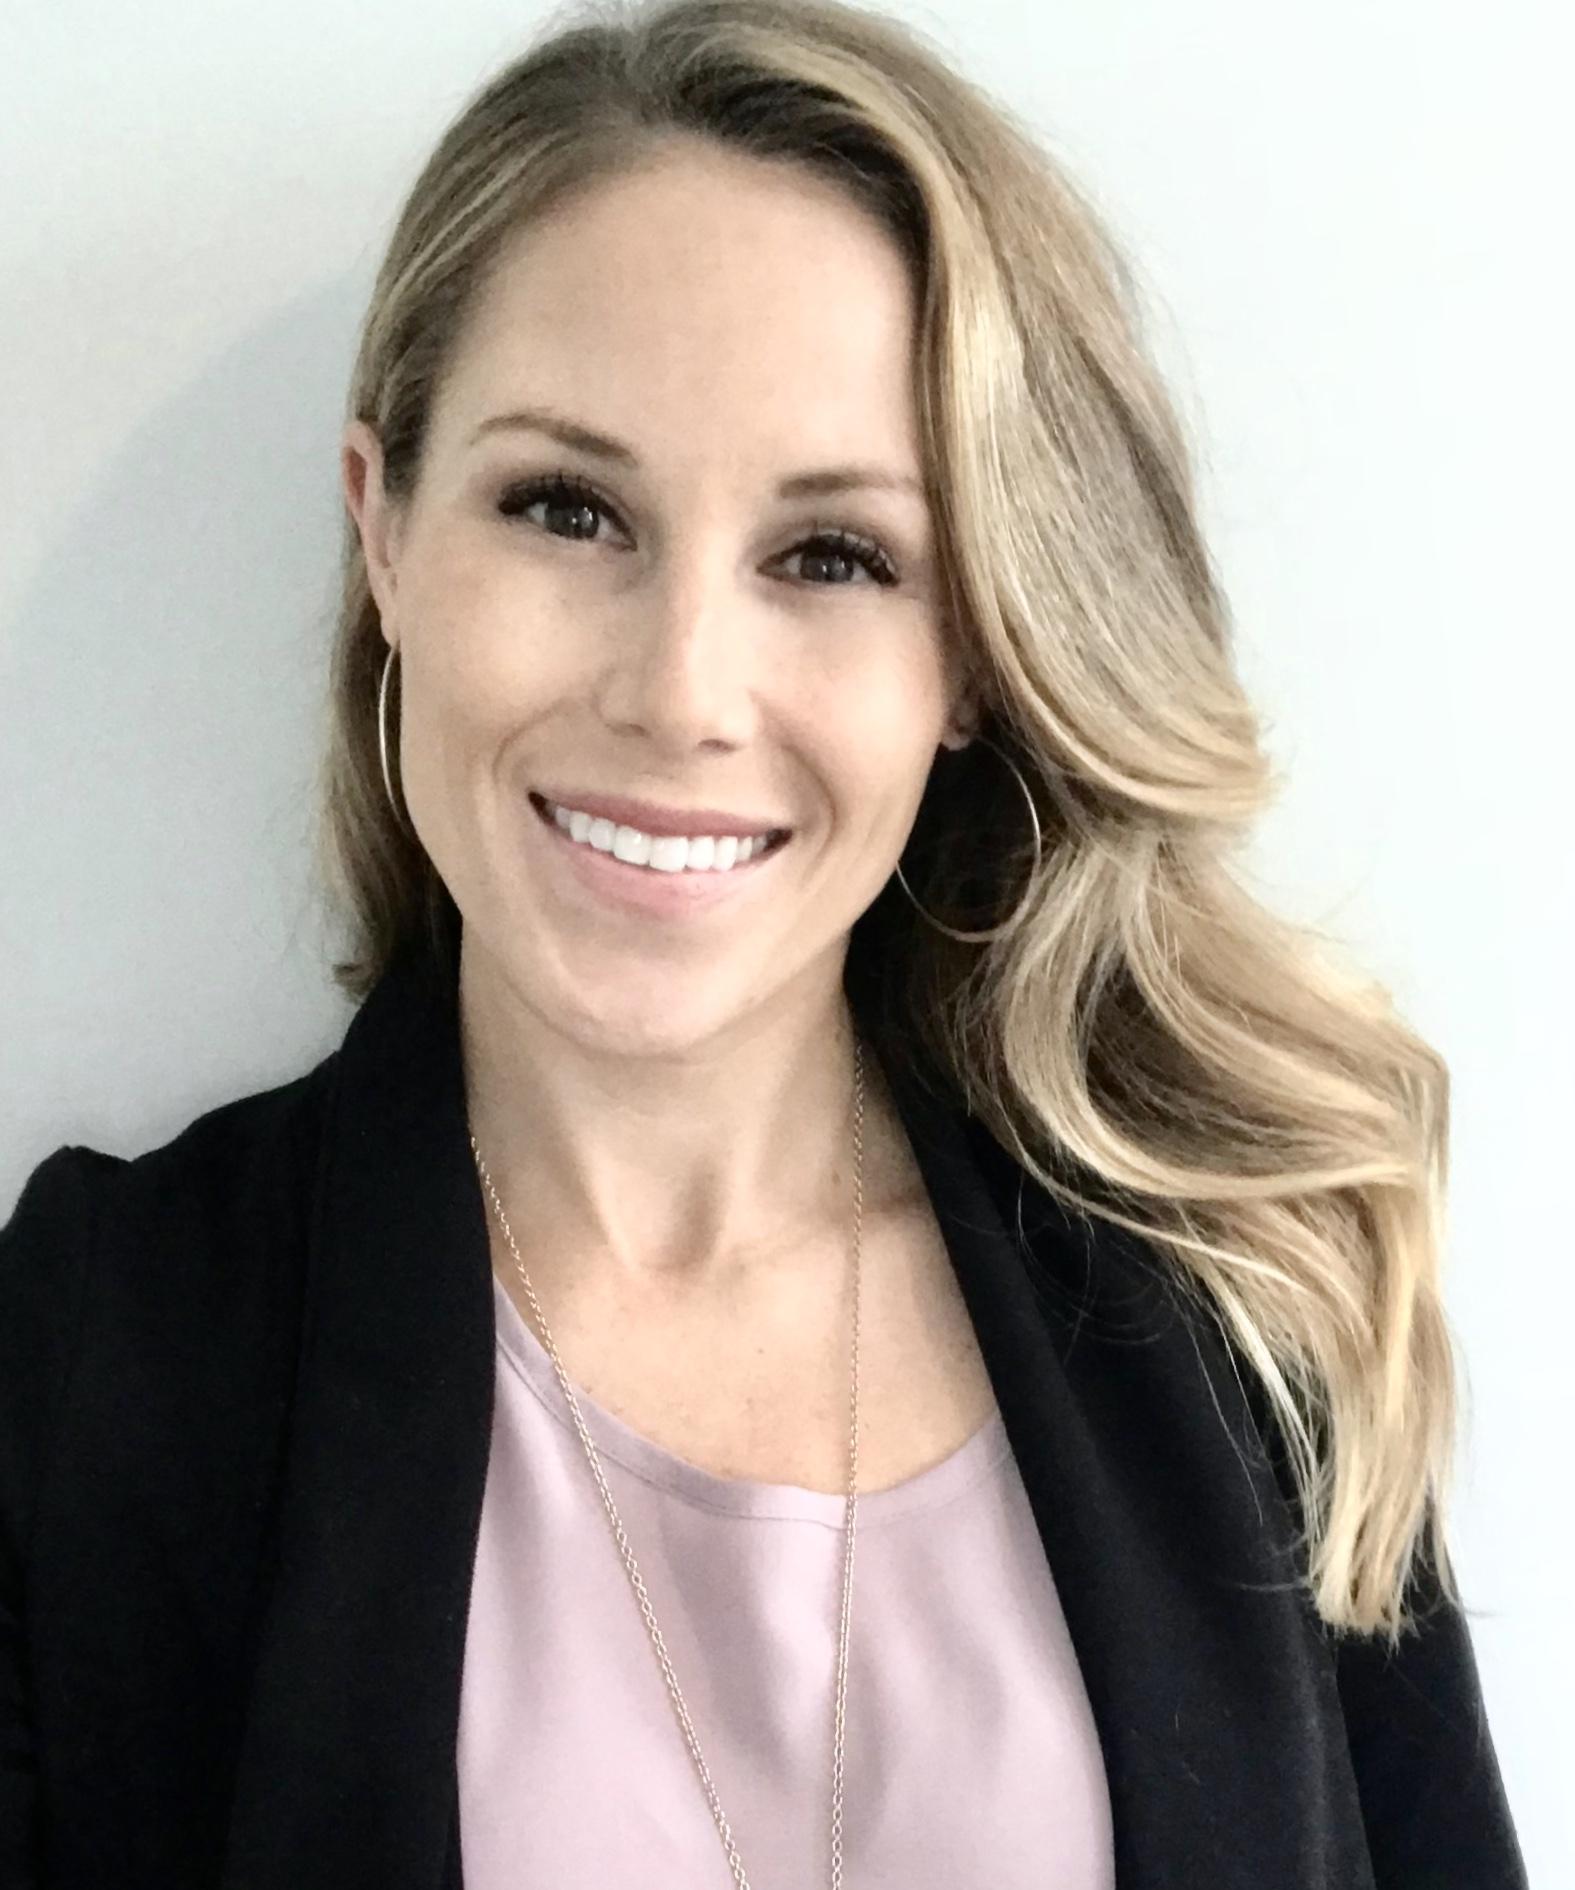 Abby Harris